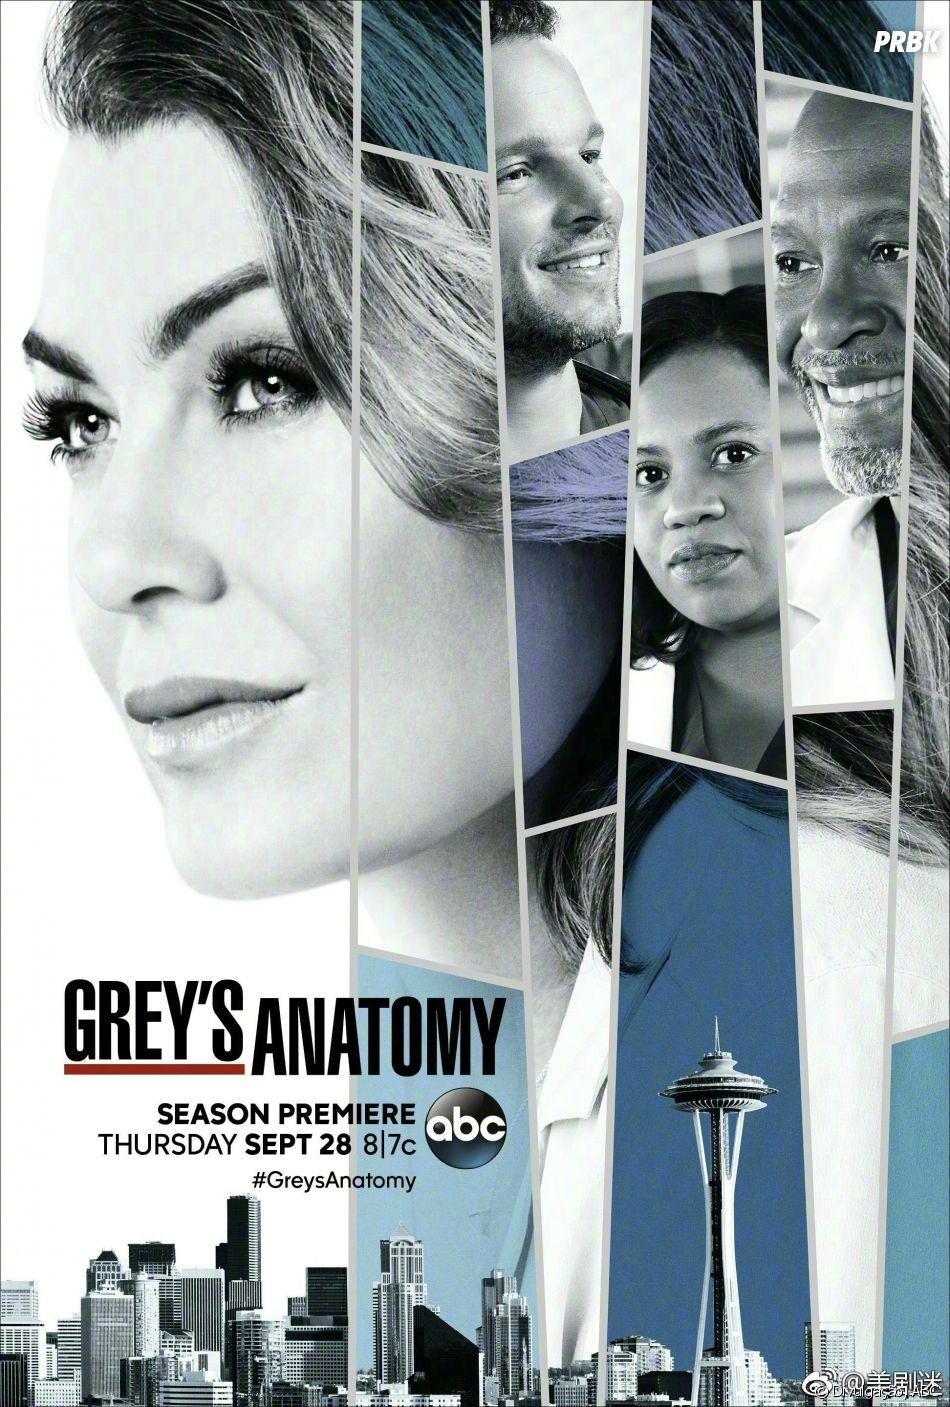 """Meredith (Ellen Pompeo) com DeLuca (Giacomo Gianniotti) juntos em """"Grey's Anatomy"""" não está agradando alguns fãs"""